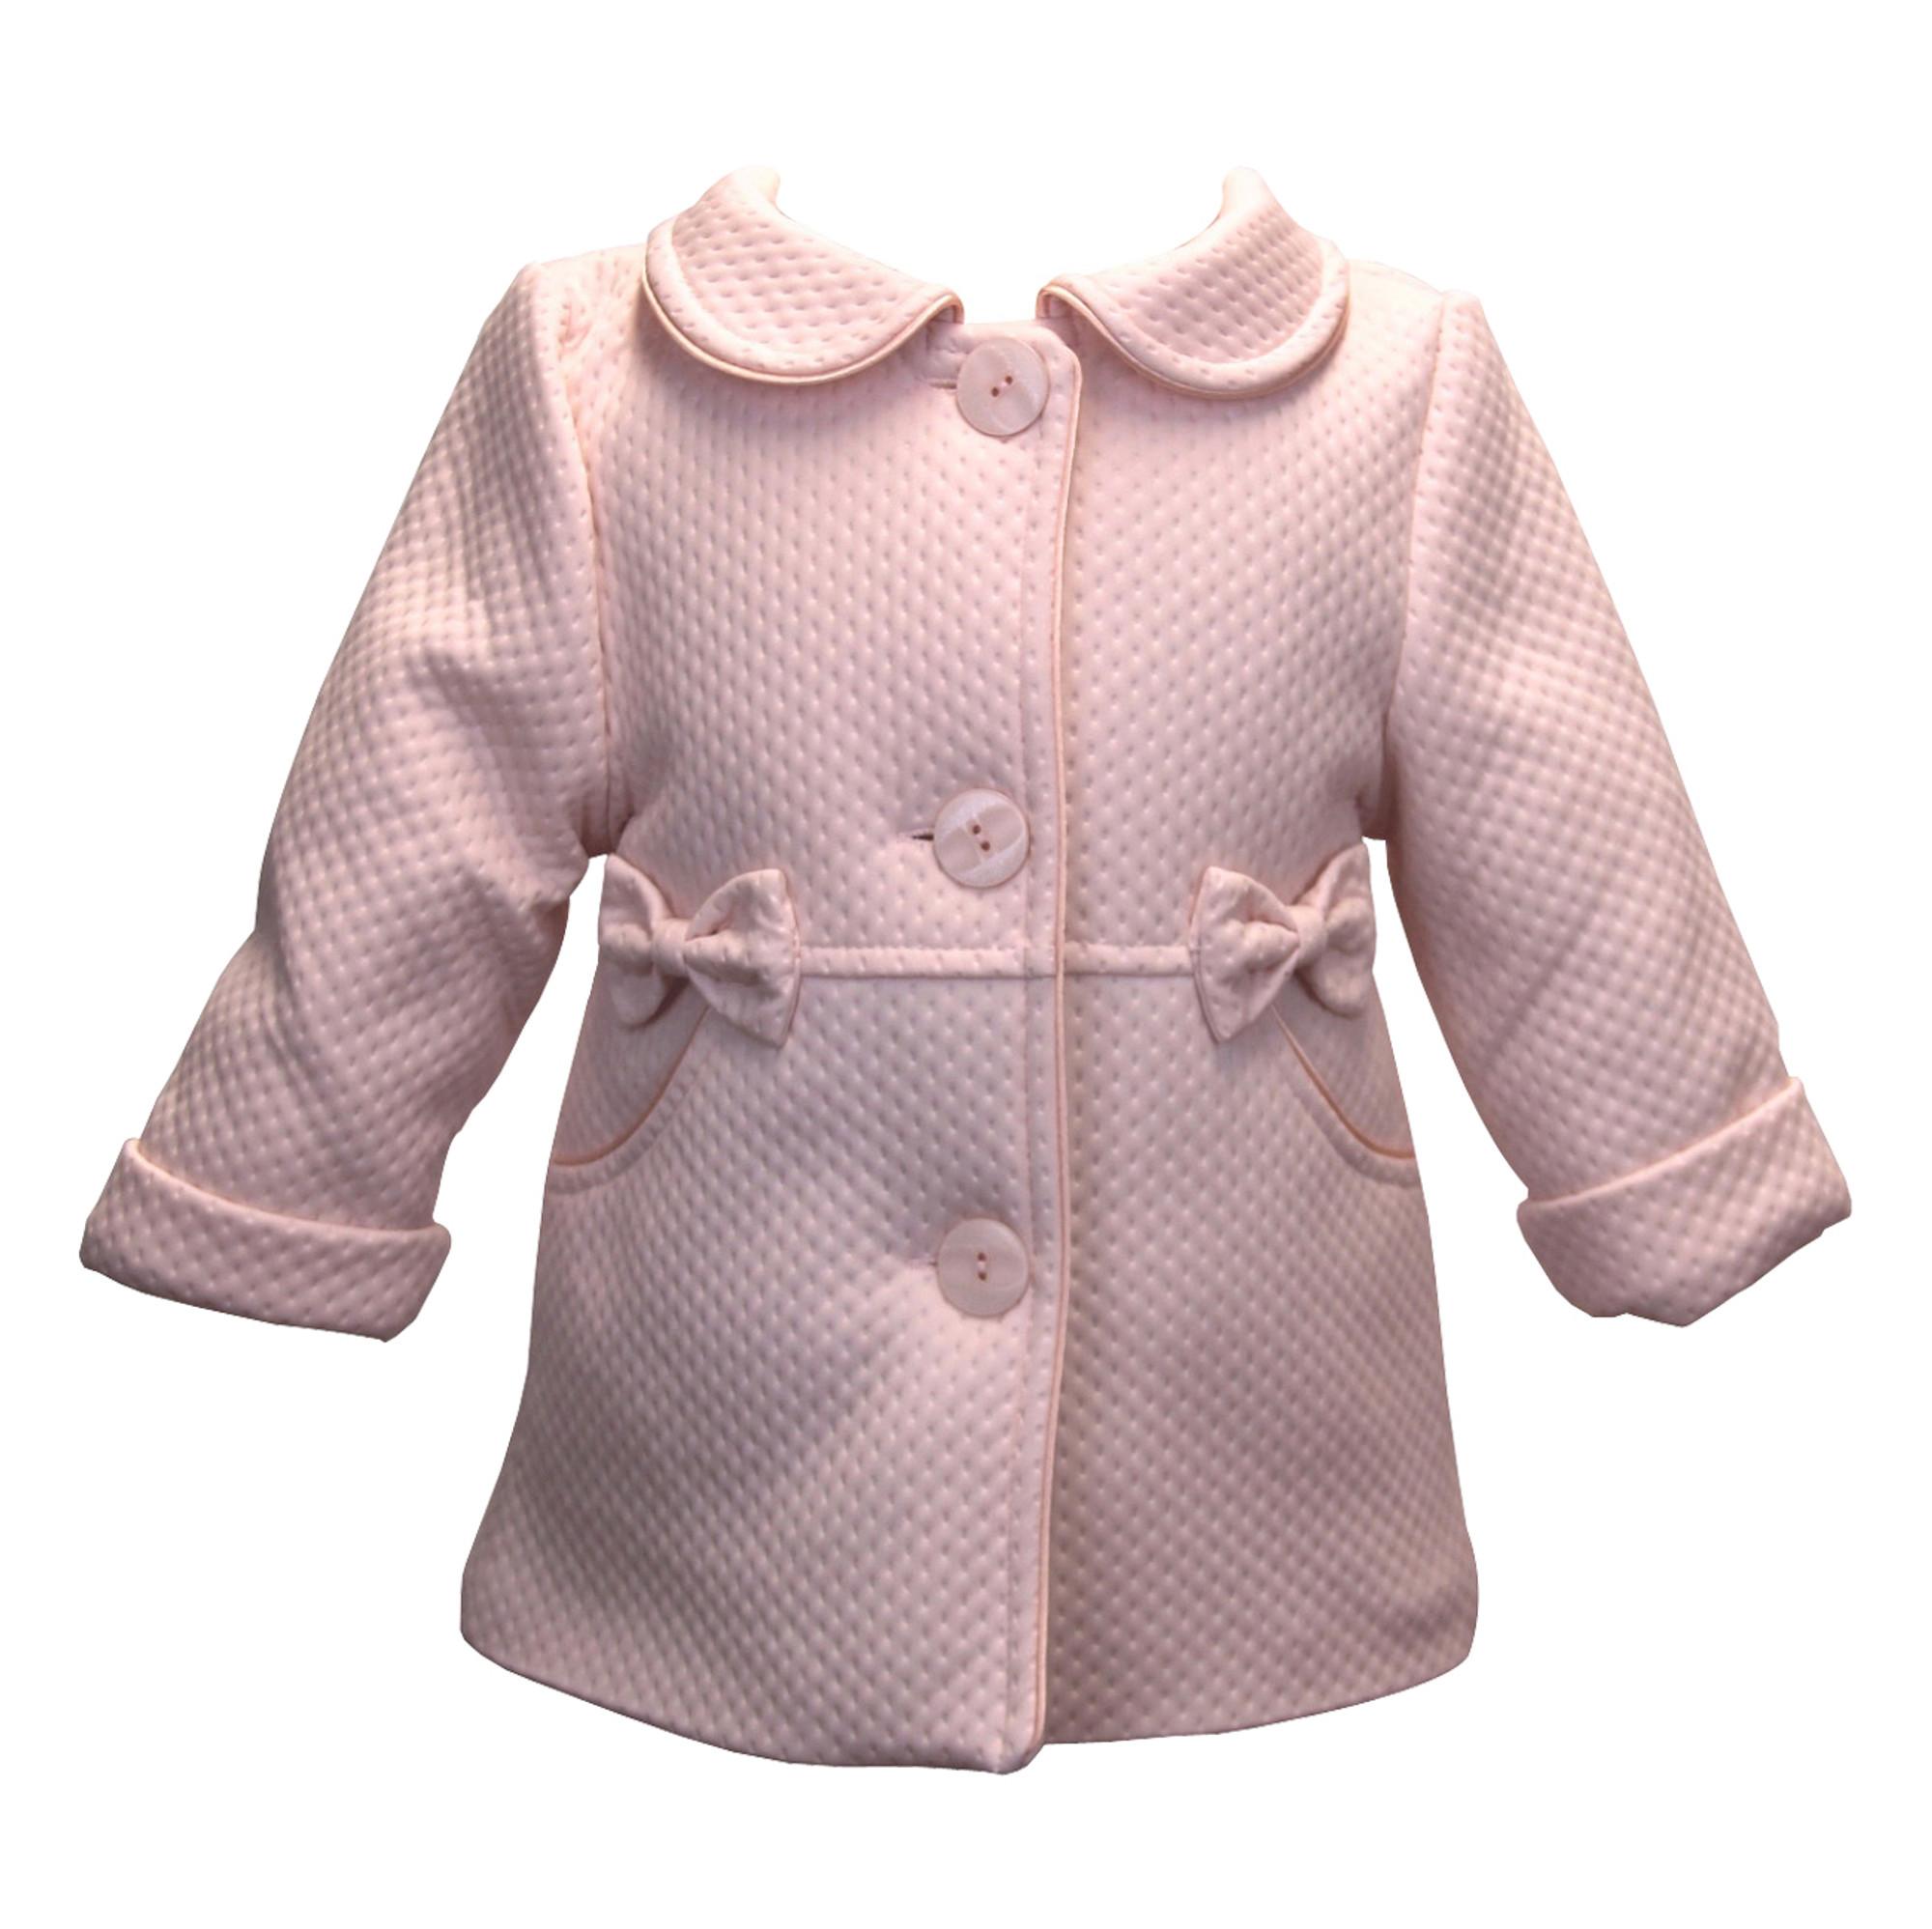 BIMARO Baby Mädchen Babymantel Lea rosa rose Taufmantel Mantel Jacke Baby Hochzeit Taufe festlich